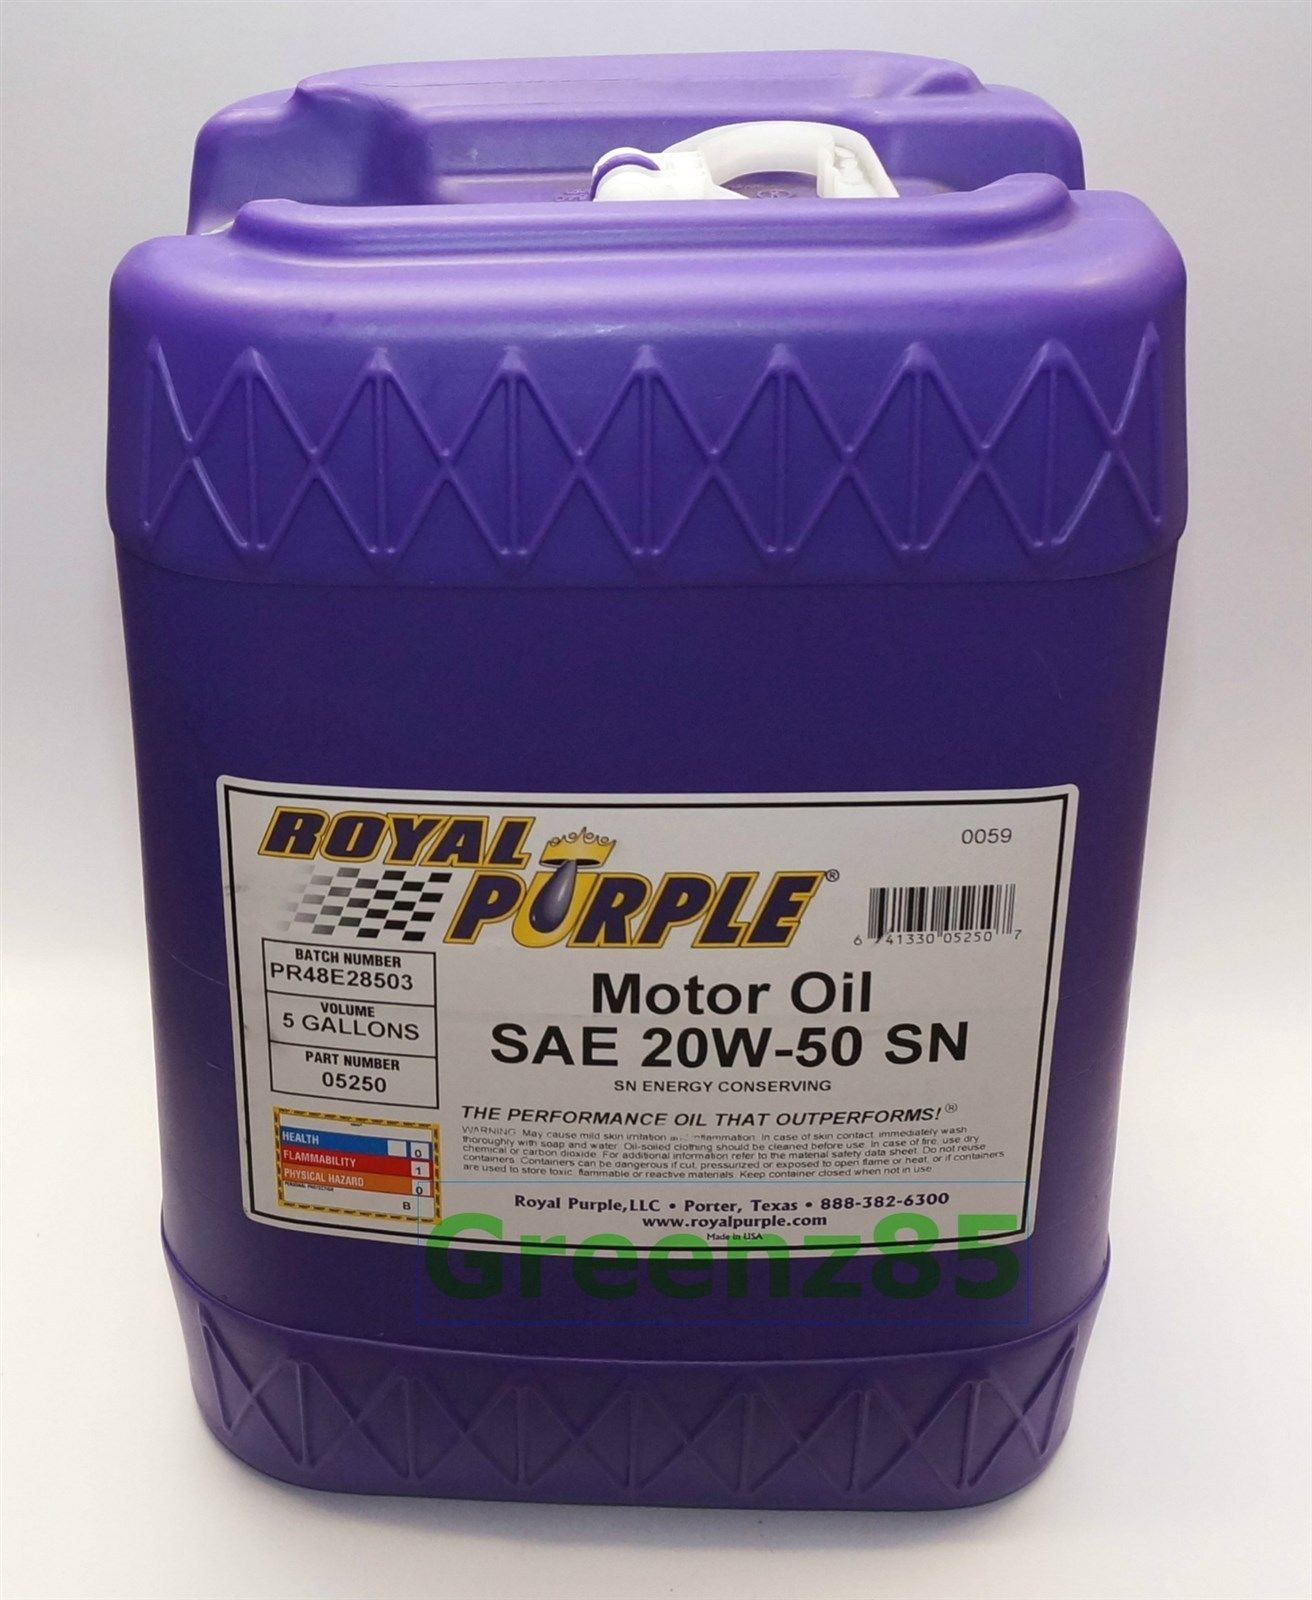 Royal Purple 20w 50 Synthetic Motor Oil 05250 5 Gallon Pail